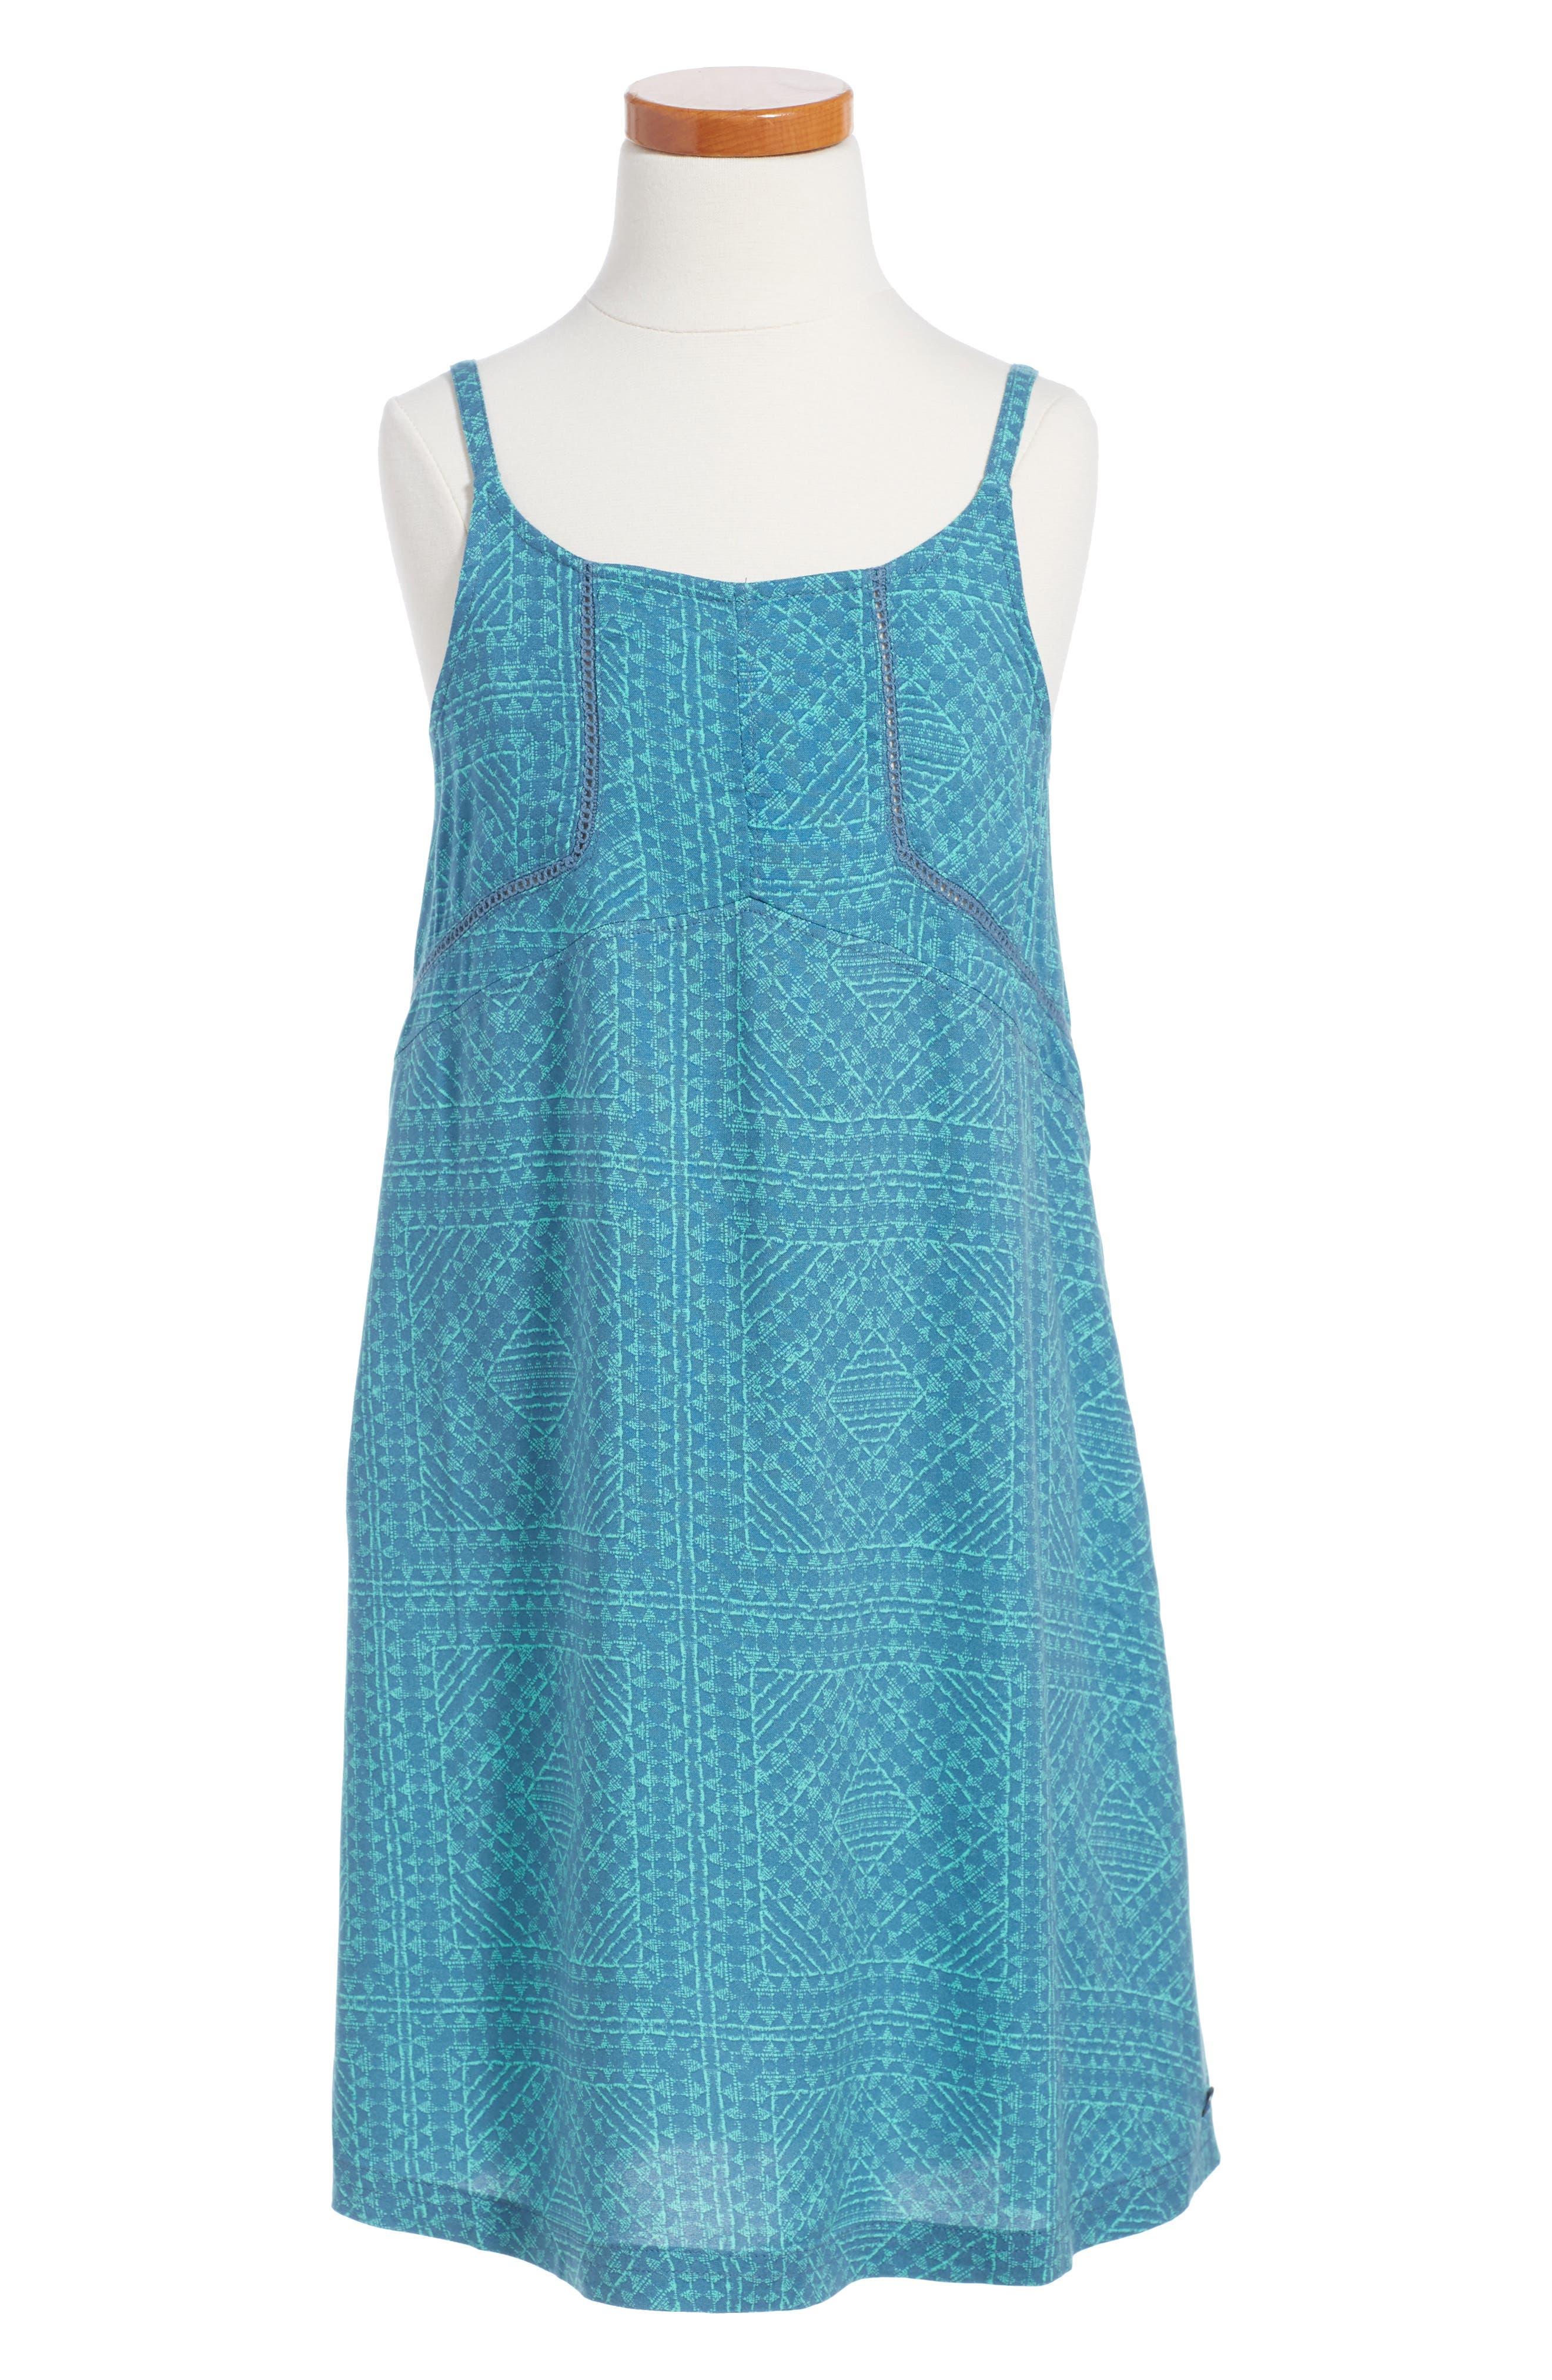 Alternate Image 1 Selected - Roxy Welcome Dear Swing Dress (Big Girls)